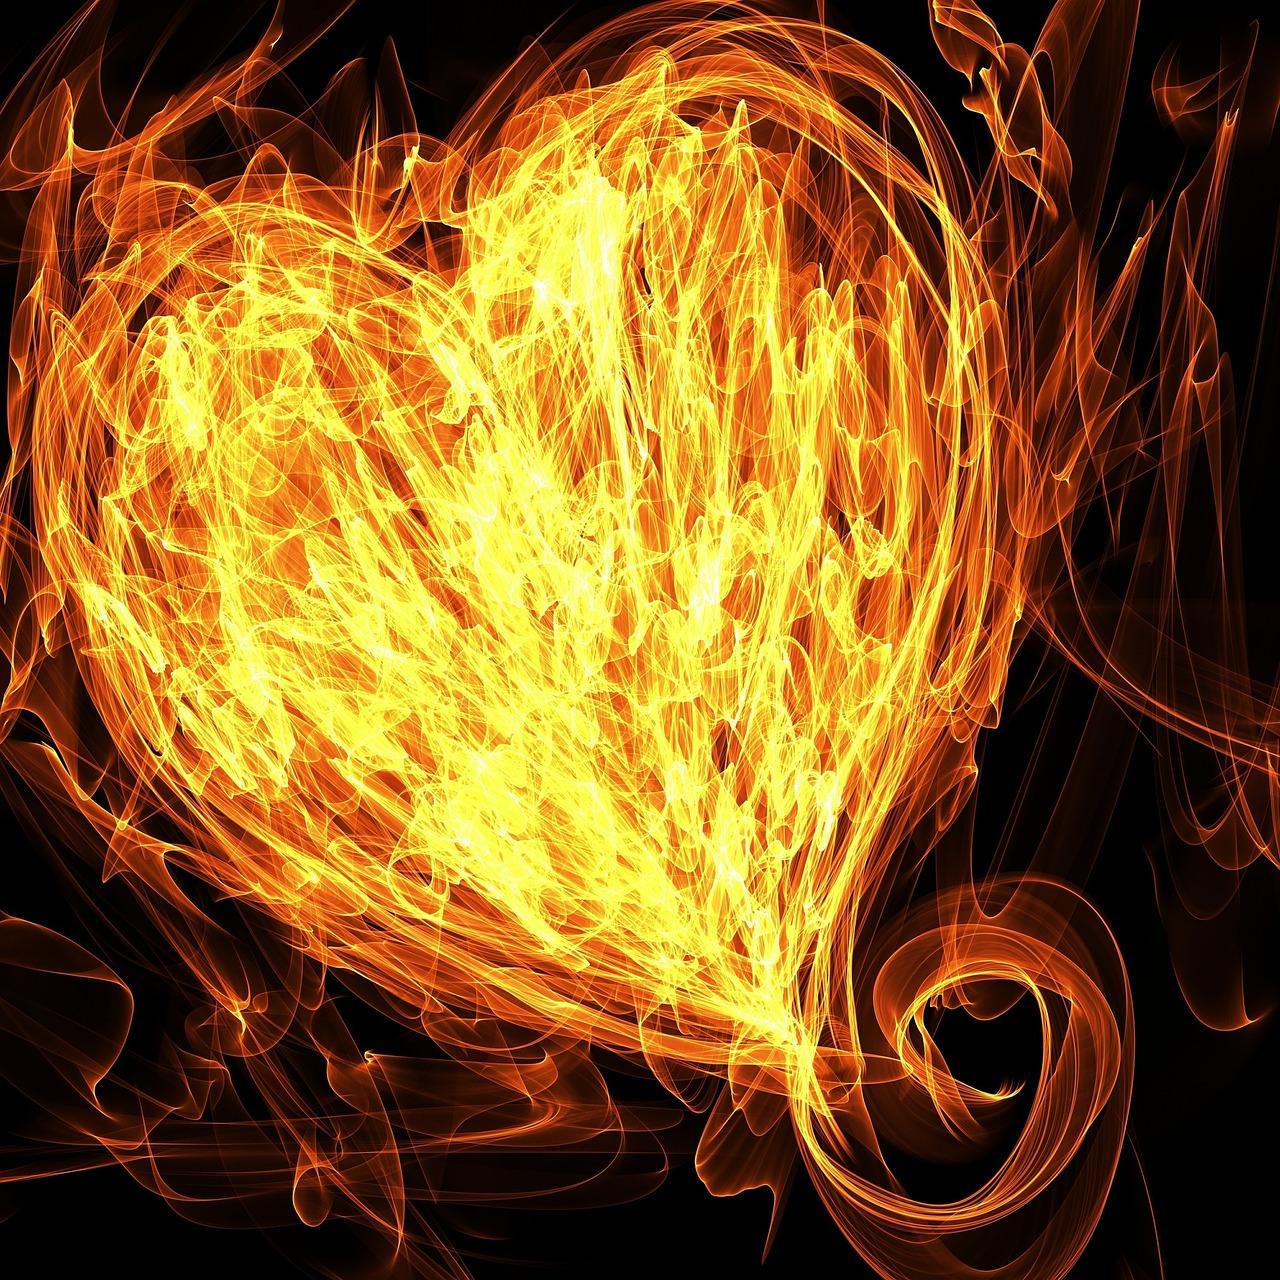 Картинки сердечки огненные